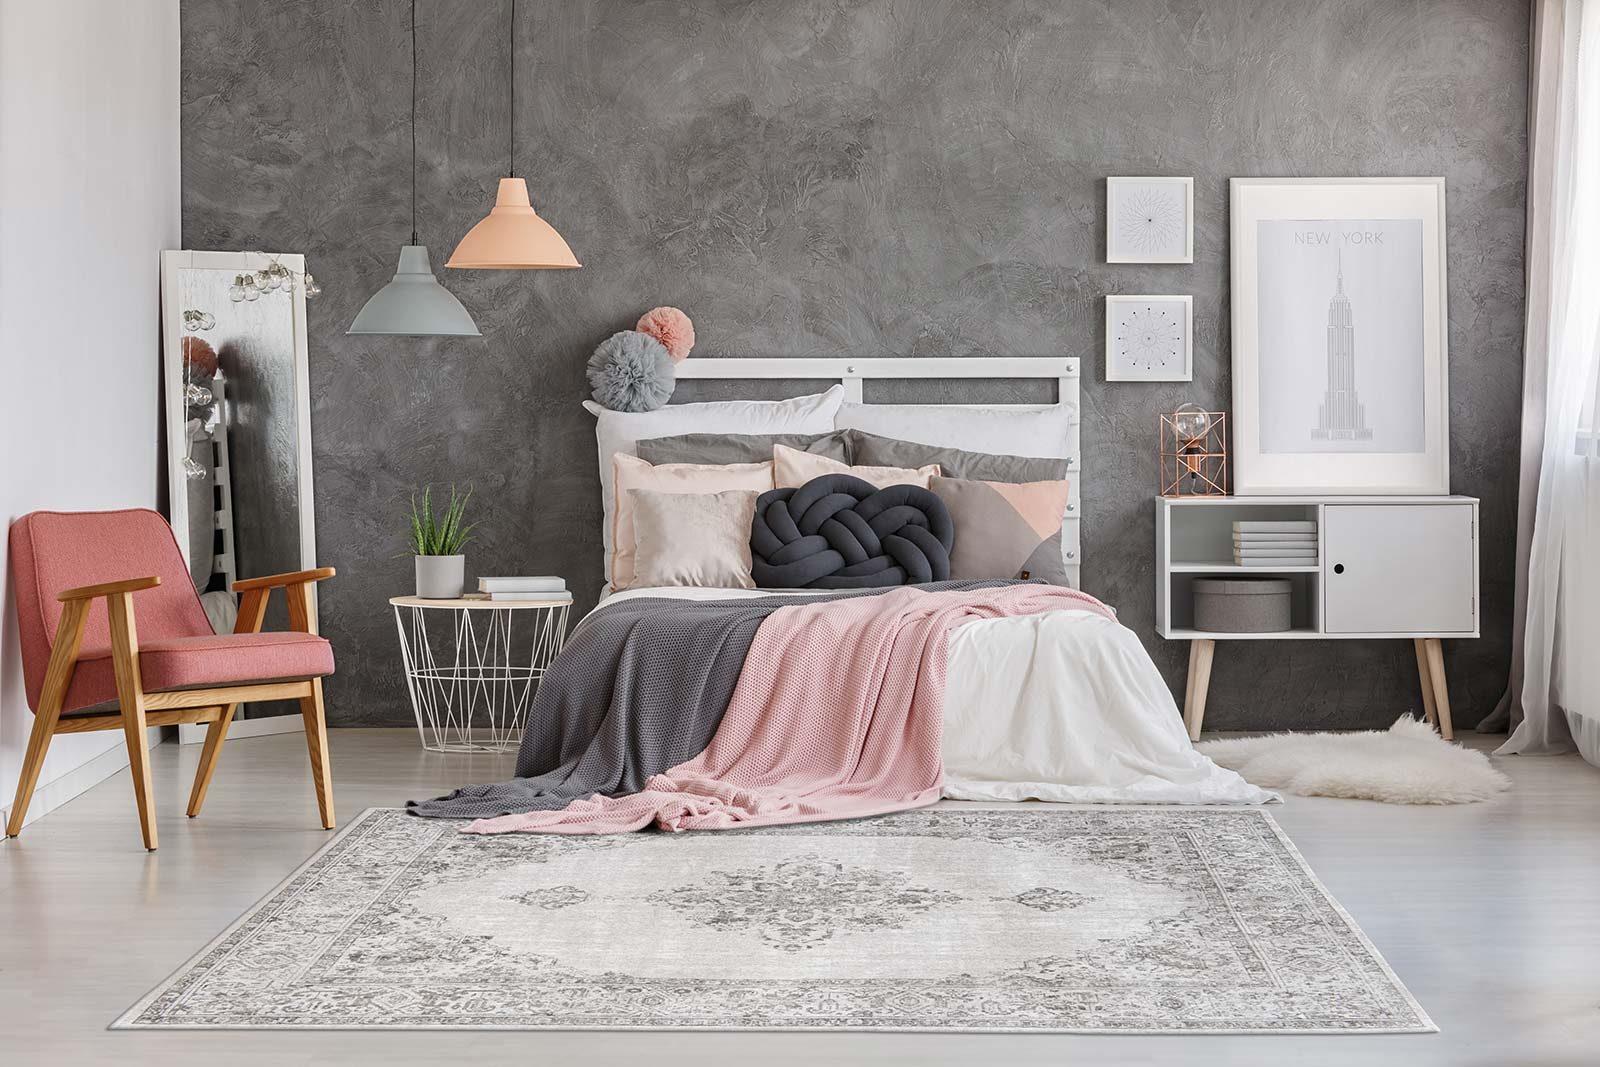 rugs Louis De Poortere LX8668 Fairfield Pale interior